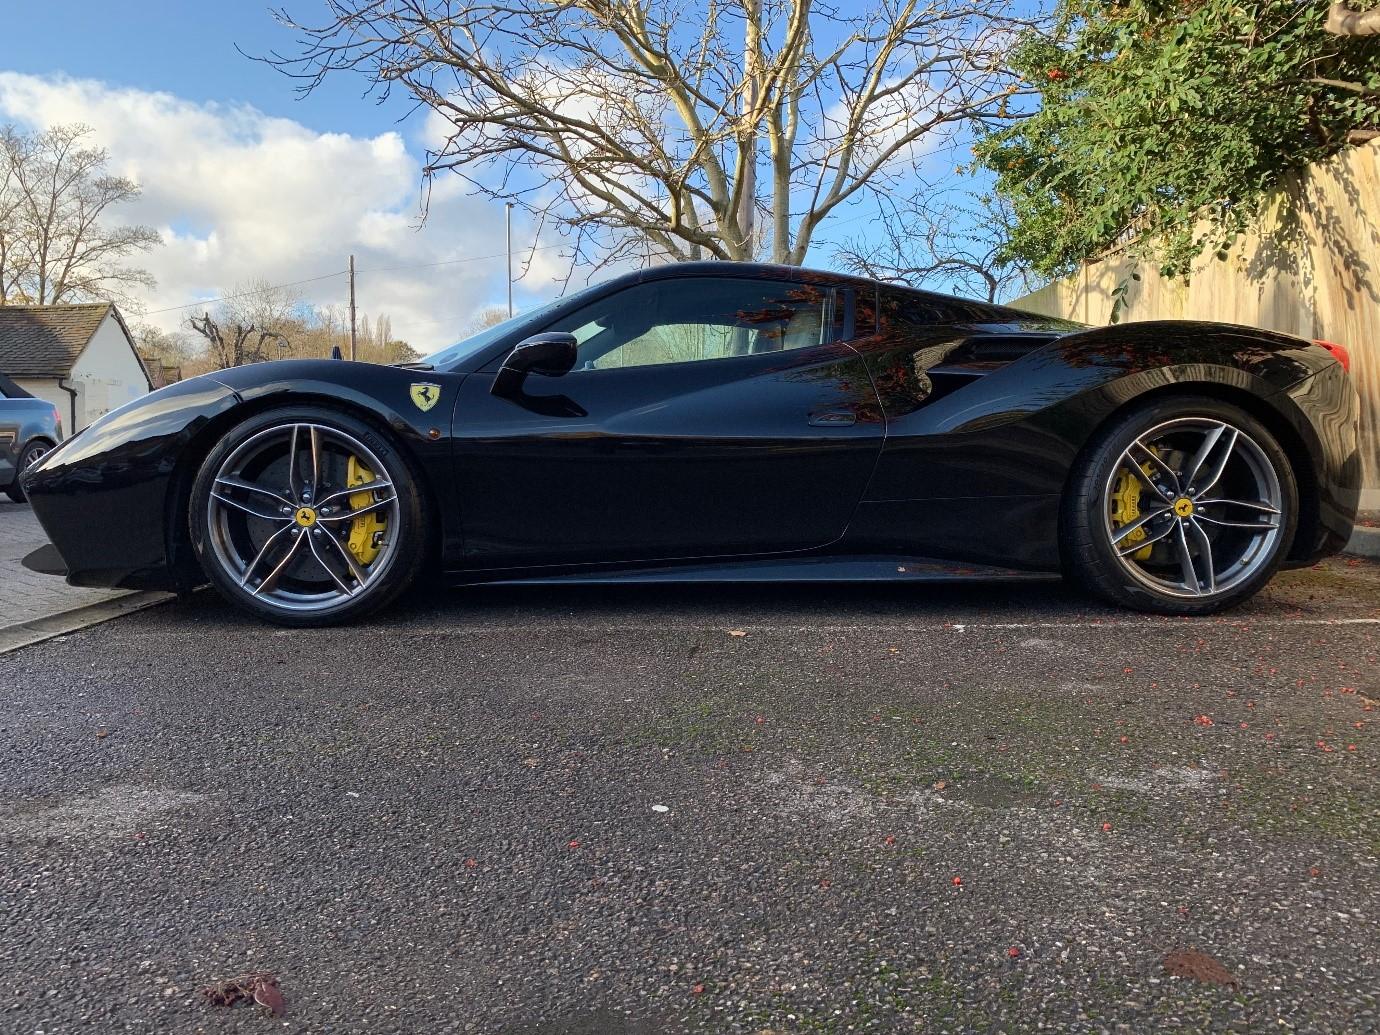 Ferrari 488 Upgrades: Sport Exhaust, Carbon Fibre, and ...